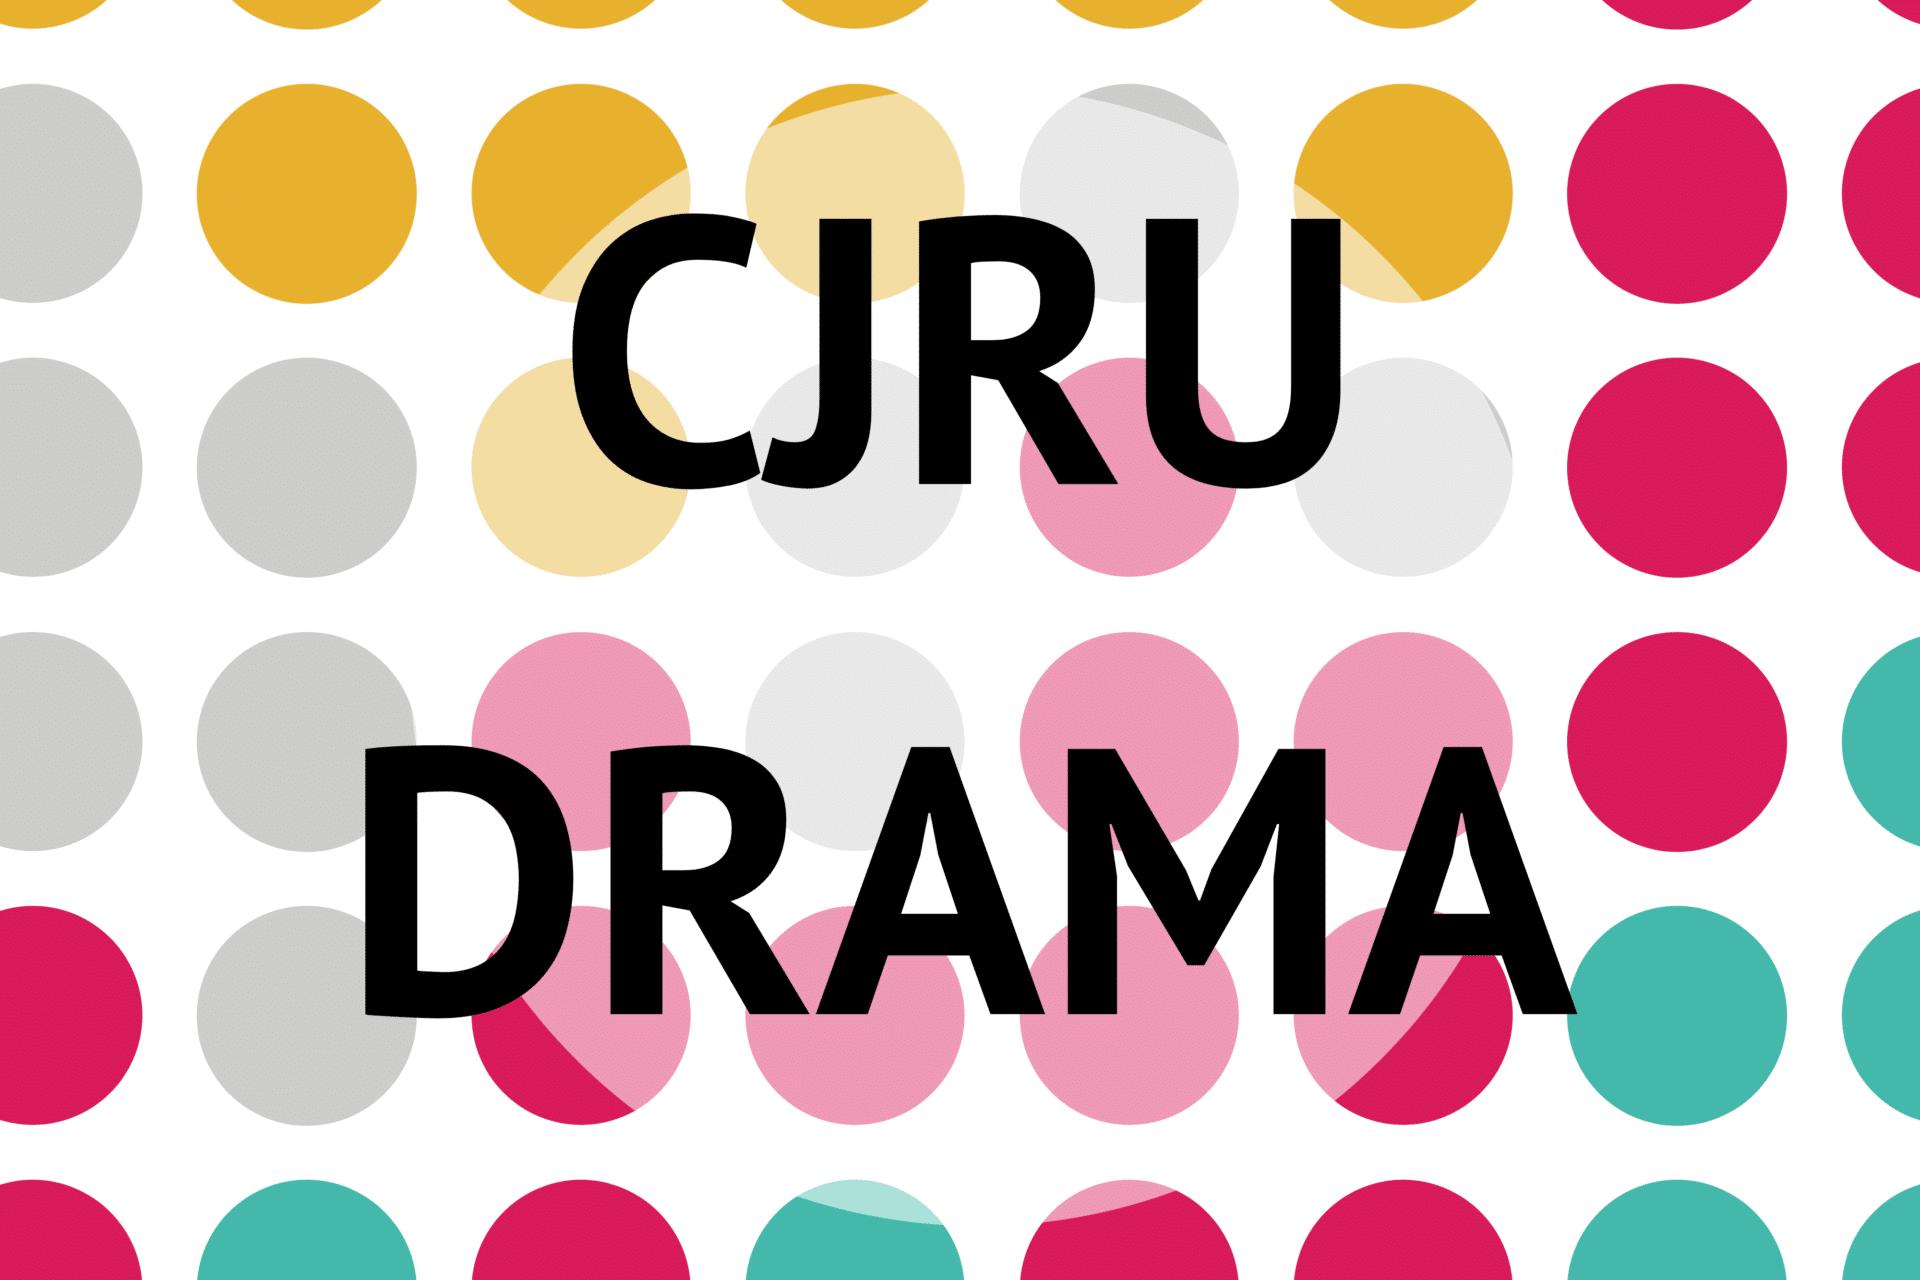 CJRU Drama show image